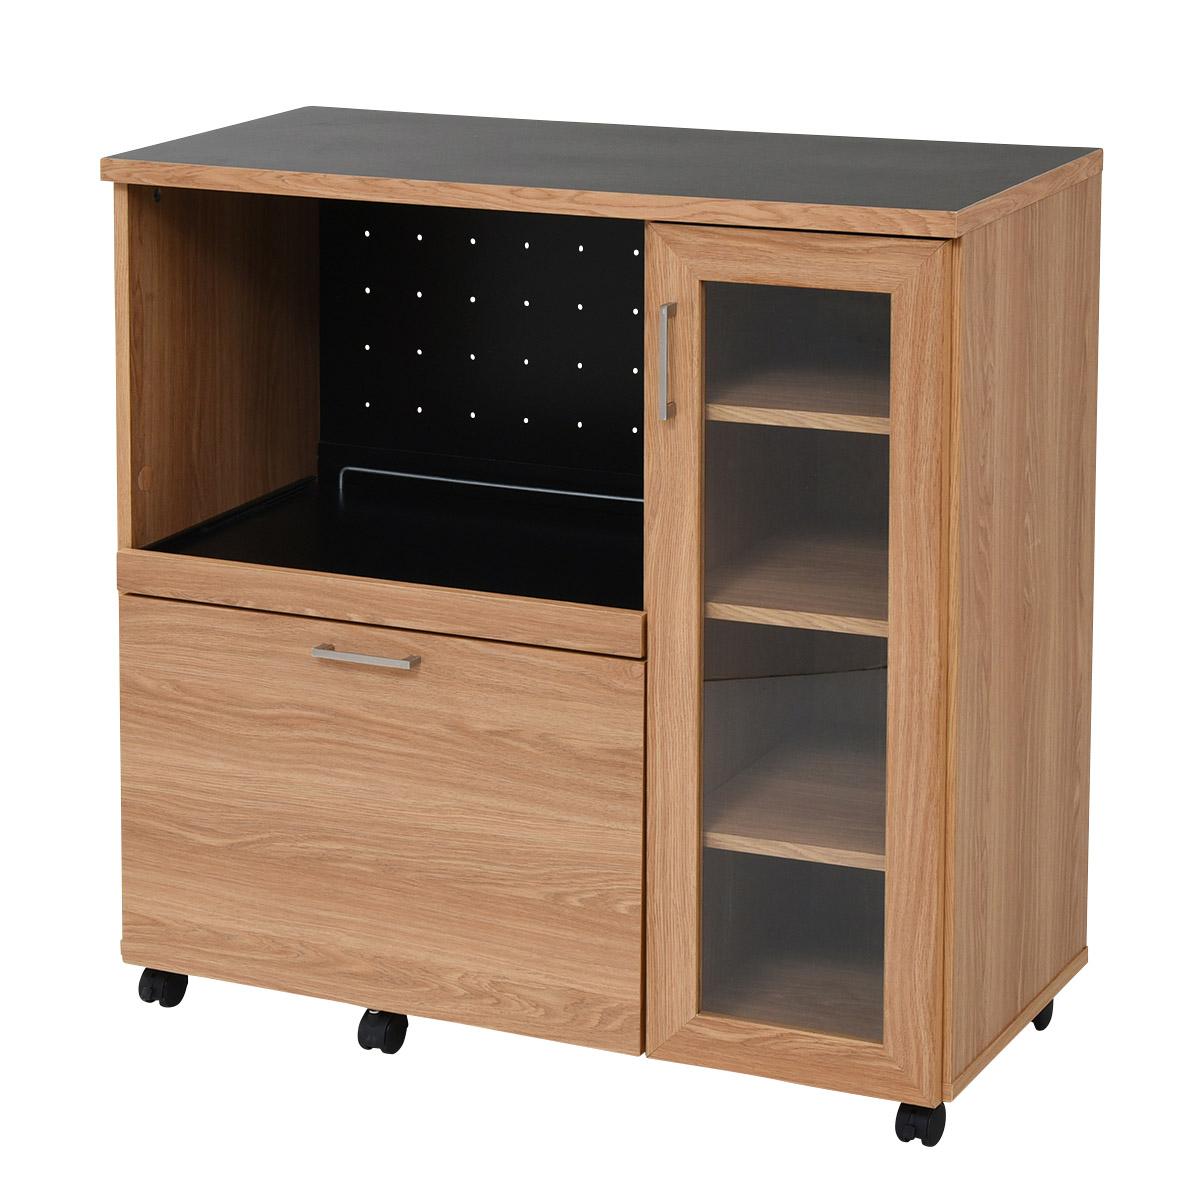 キッチンカウンター FAP−1022−NABK